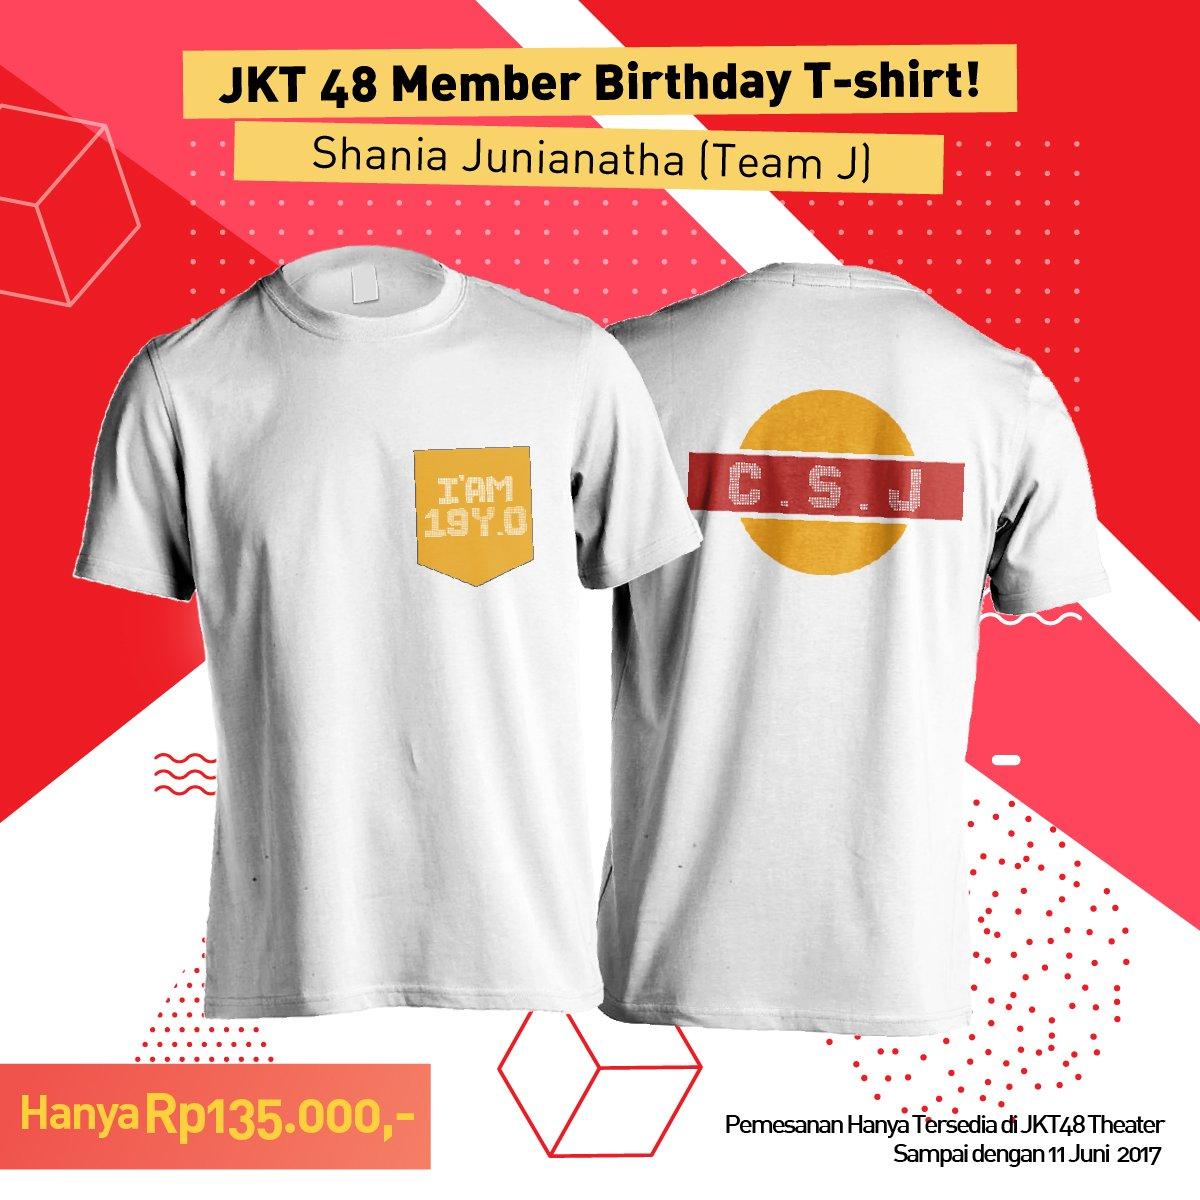 Desain t shirt jkt48 - Jkt48 On Twitter Info Dapatkan Birthday T Shirt Shaniajkt48 Di Merchandise Booth Jkt48 Theater Https T Co L7xn7eiwms